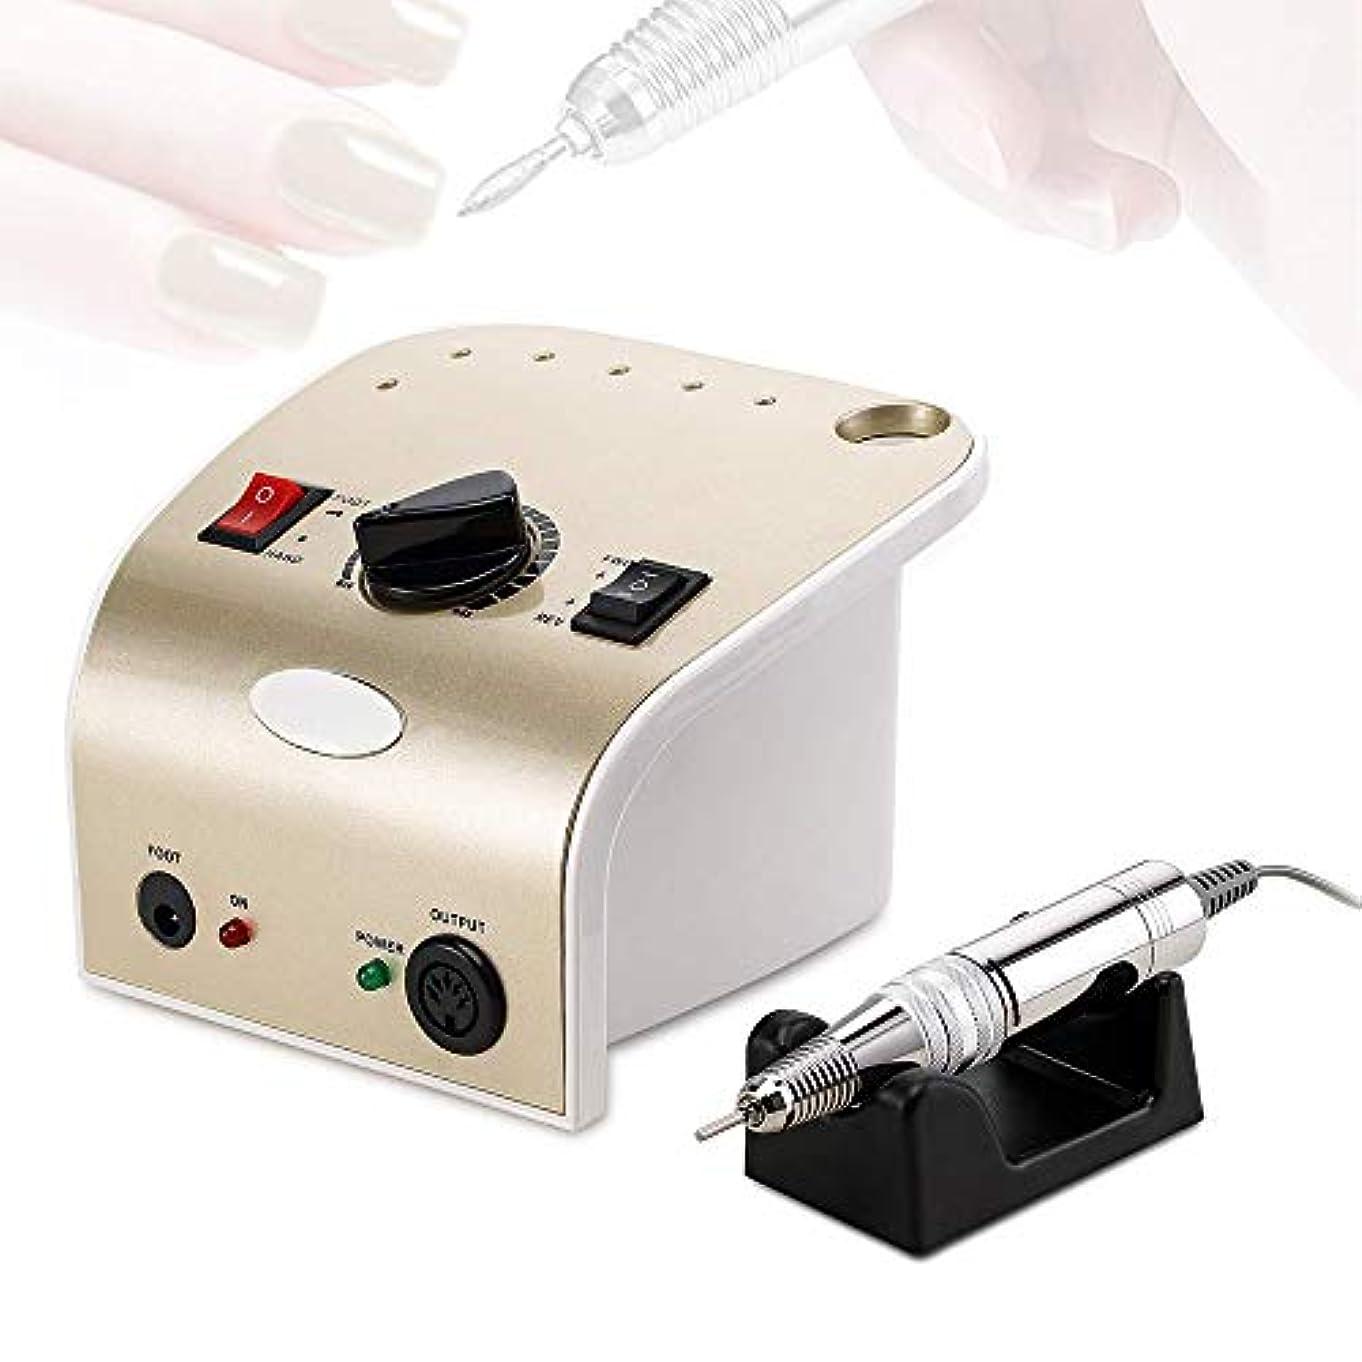 活気づくお金接続ネイルドリルアクリルネイルマニキュアペディキュアツール用電動ネイルファイル35000RPMネイルアートポリッシングマシン低熱低ノイズおよび低振動,真鍮